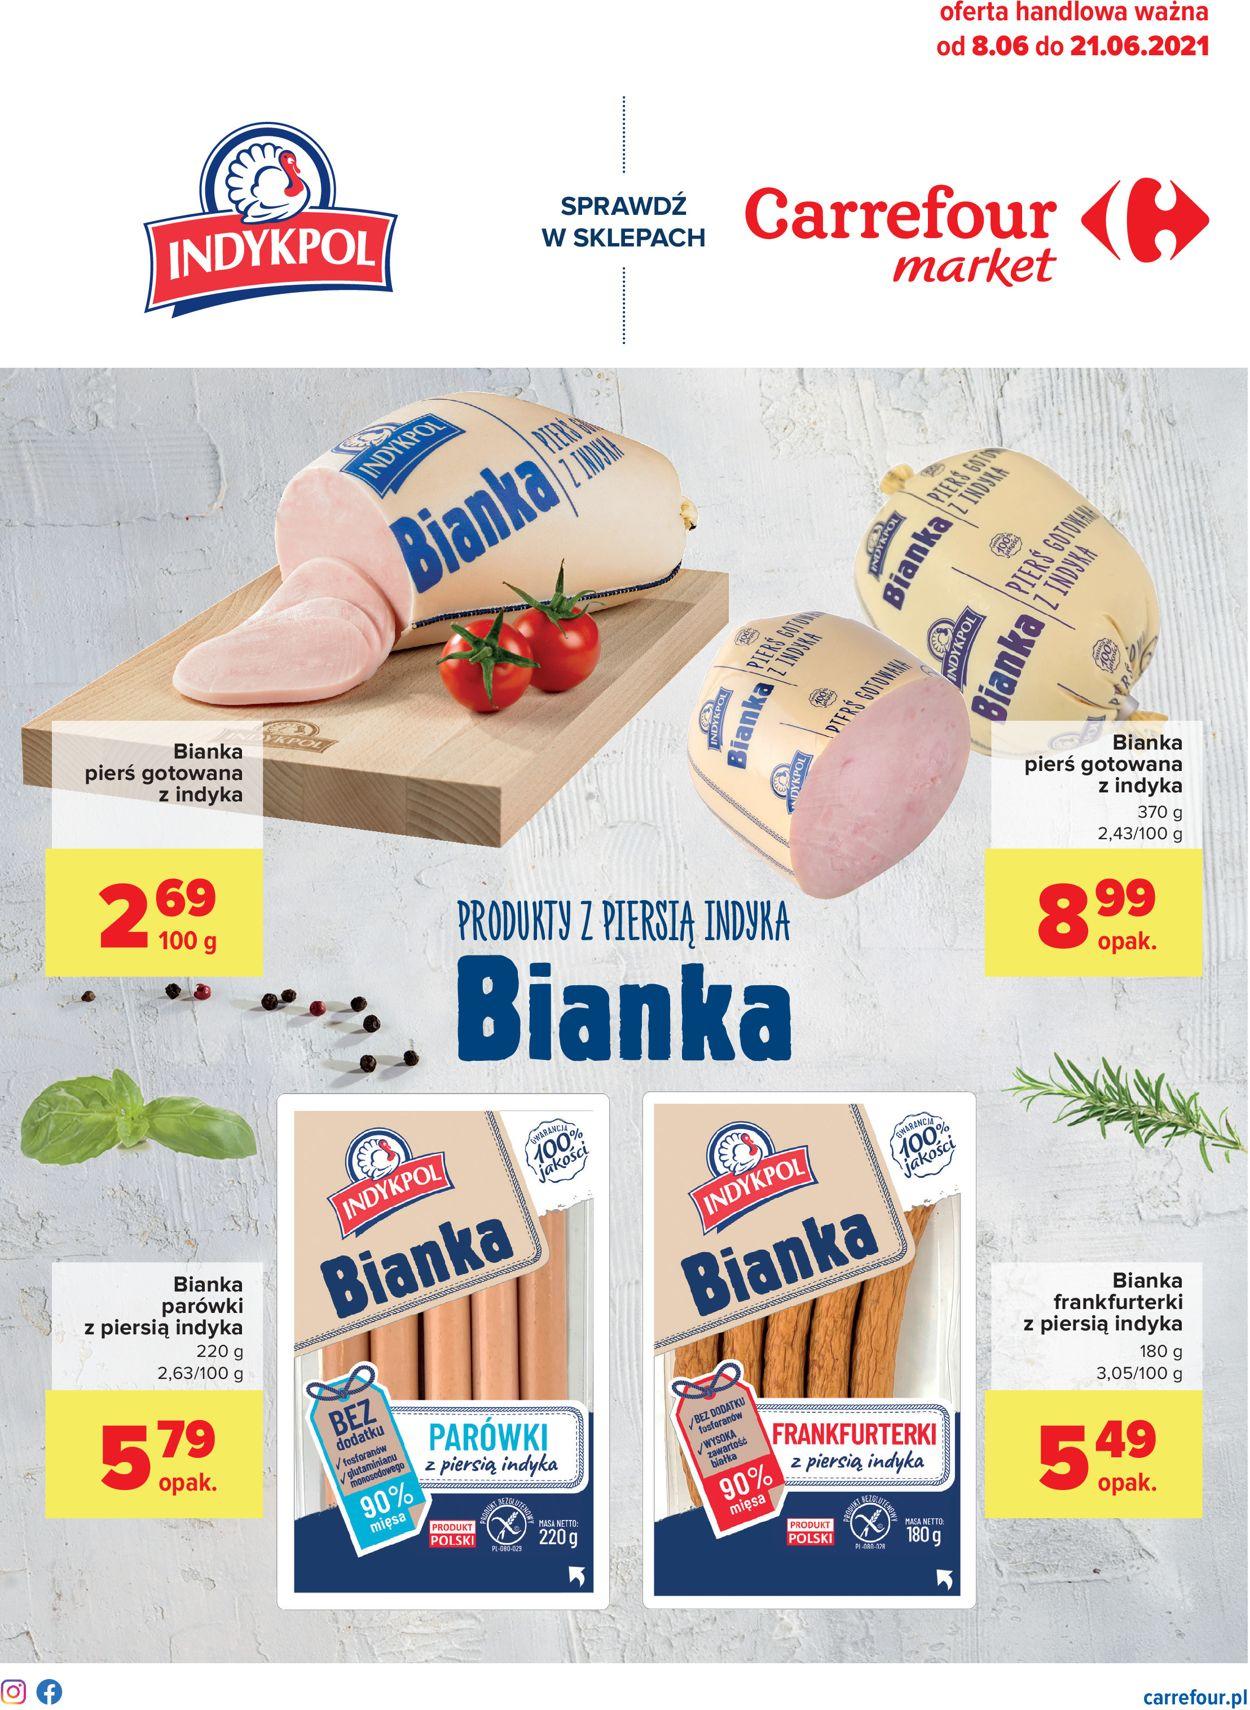 Gazetka promocyjna Carrefour Market - 08.06-21.06.2021